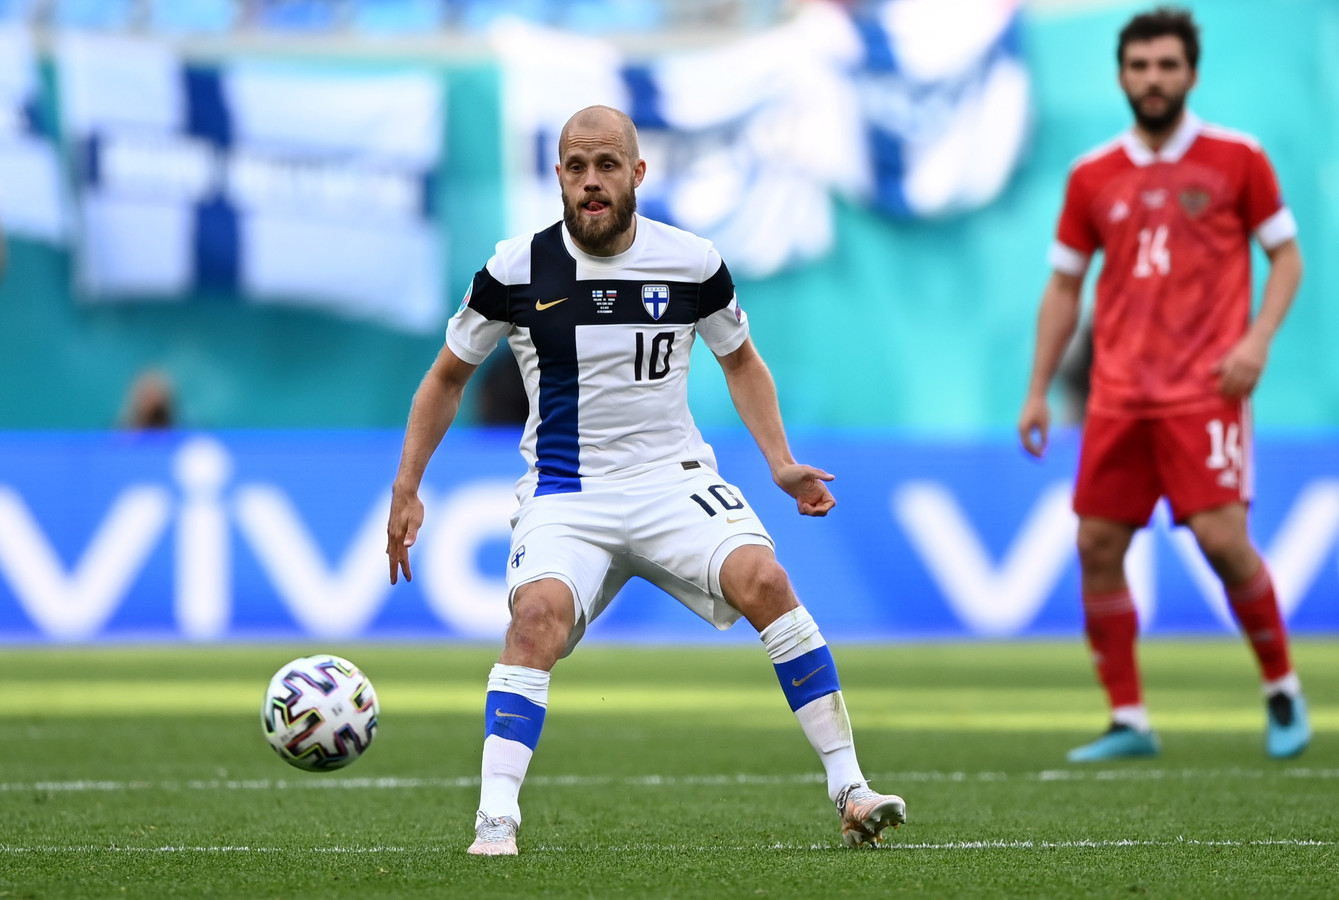 Teemu Pukki n'est qu'à deux buts du record national de Jari Litmanen, mais il n'a pas encore trouvé l'ouverture dans cet Euro.